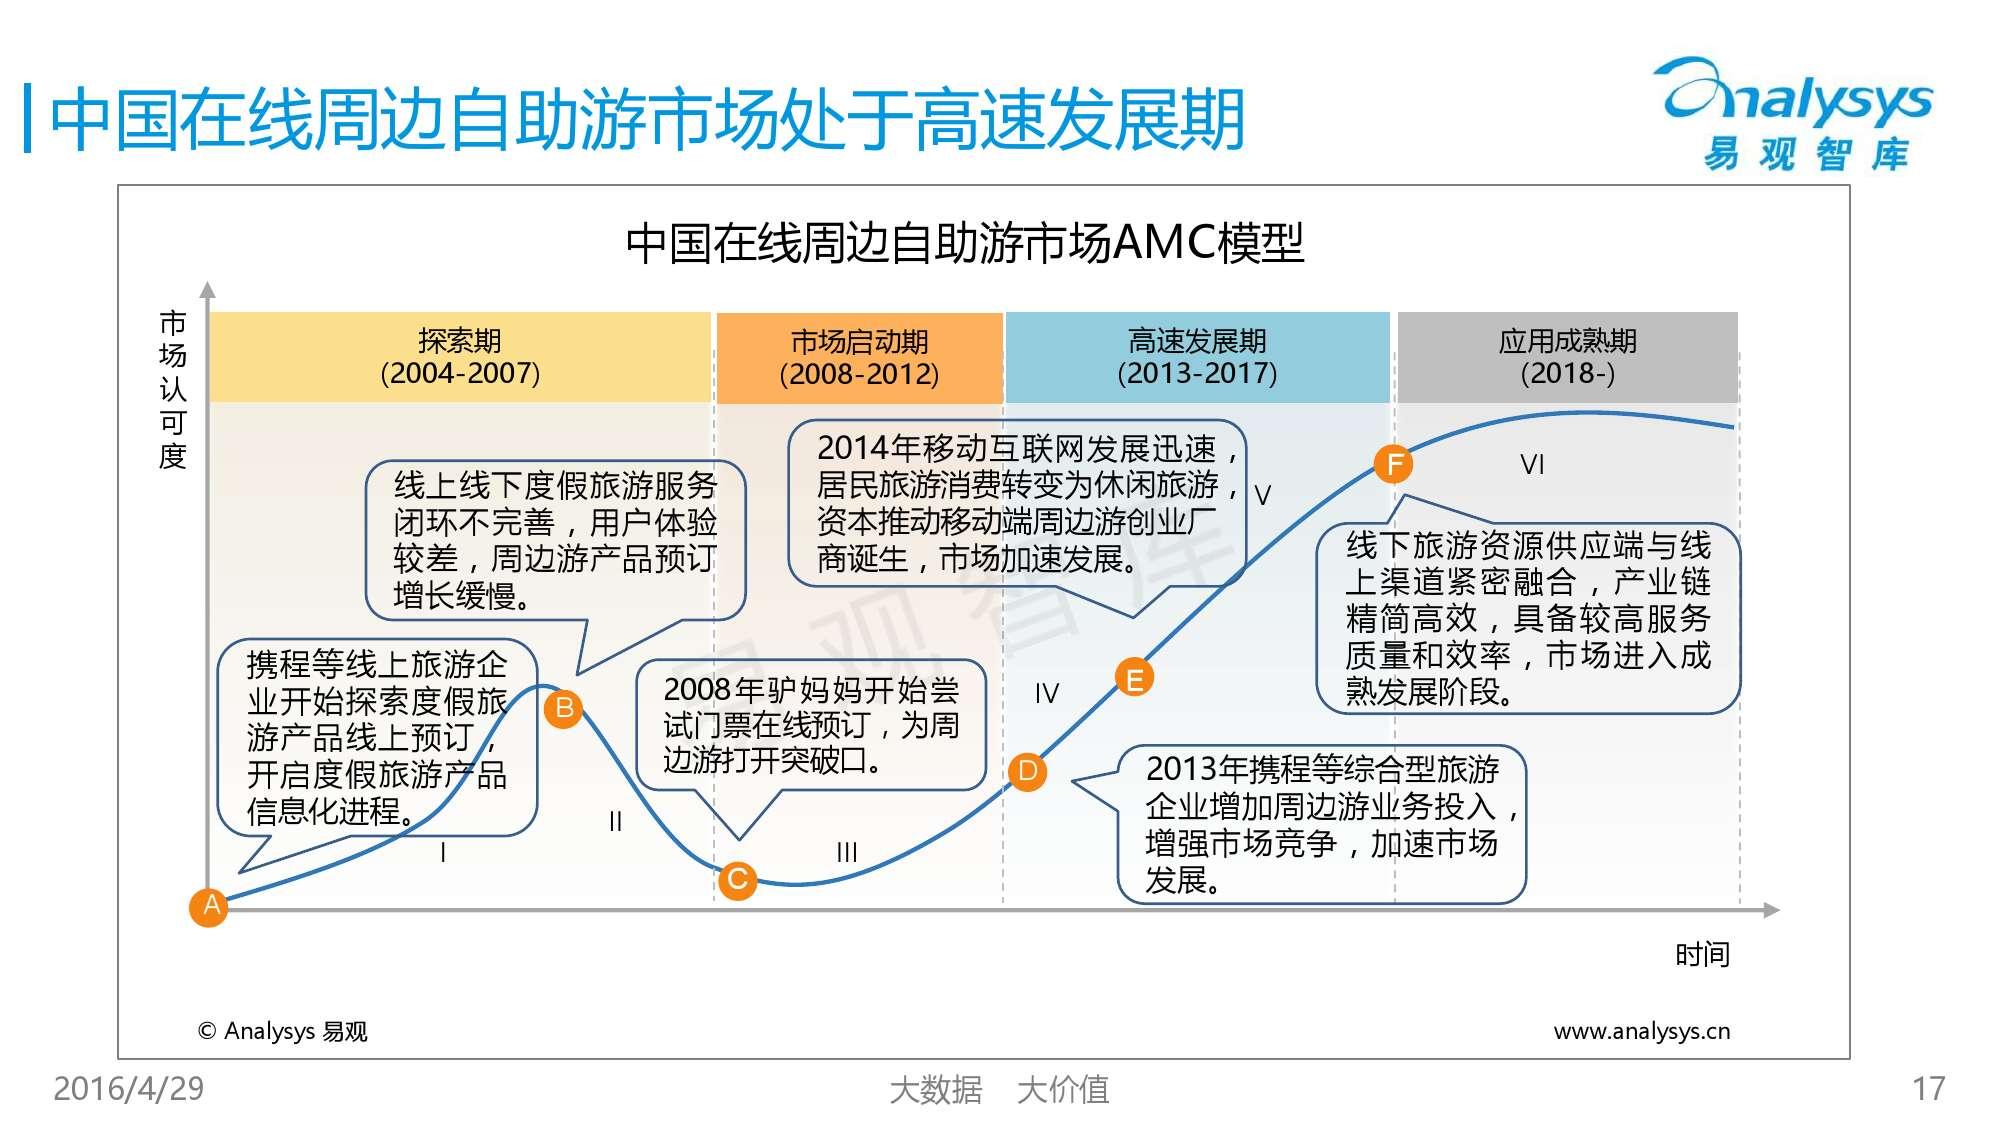 中国在线周边自助游市场专题研究报告2016_000017